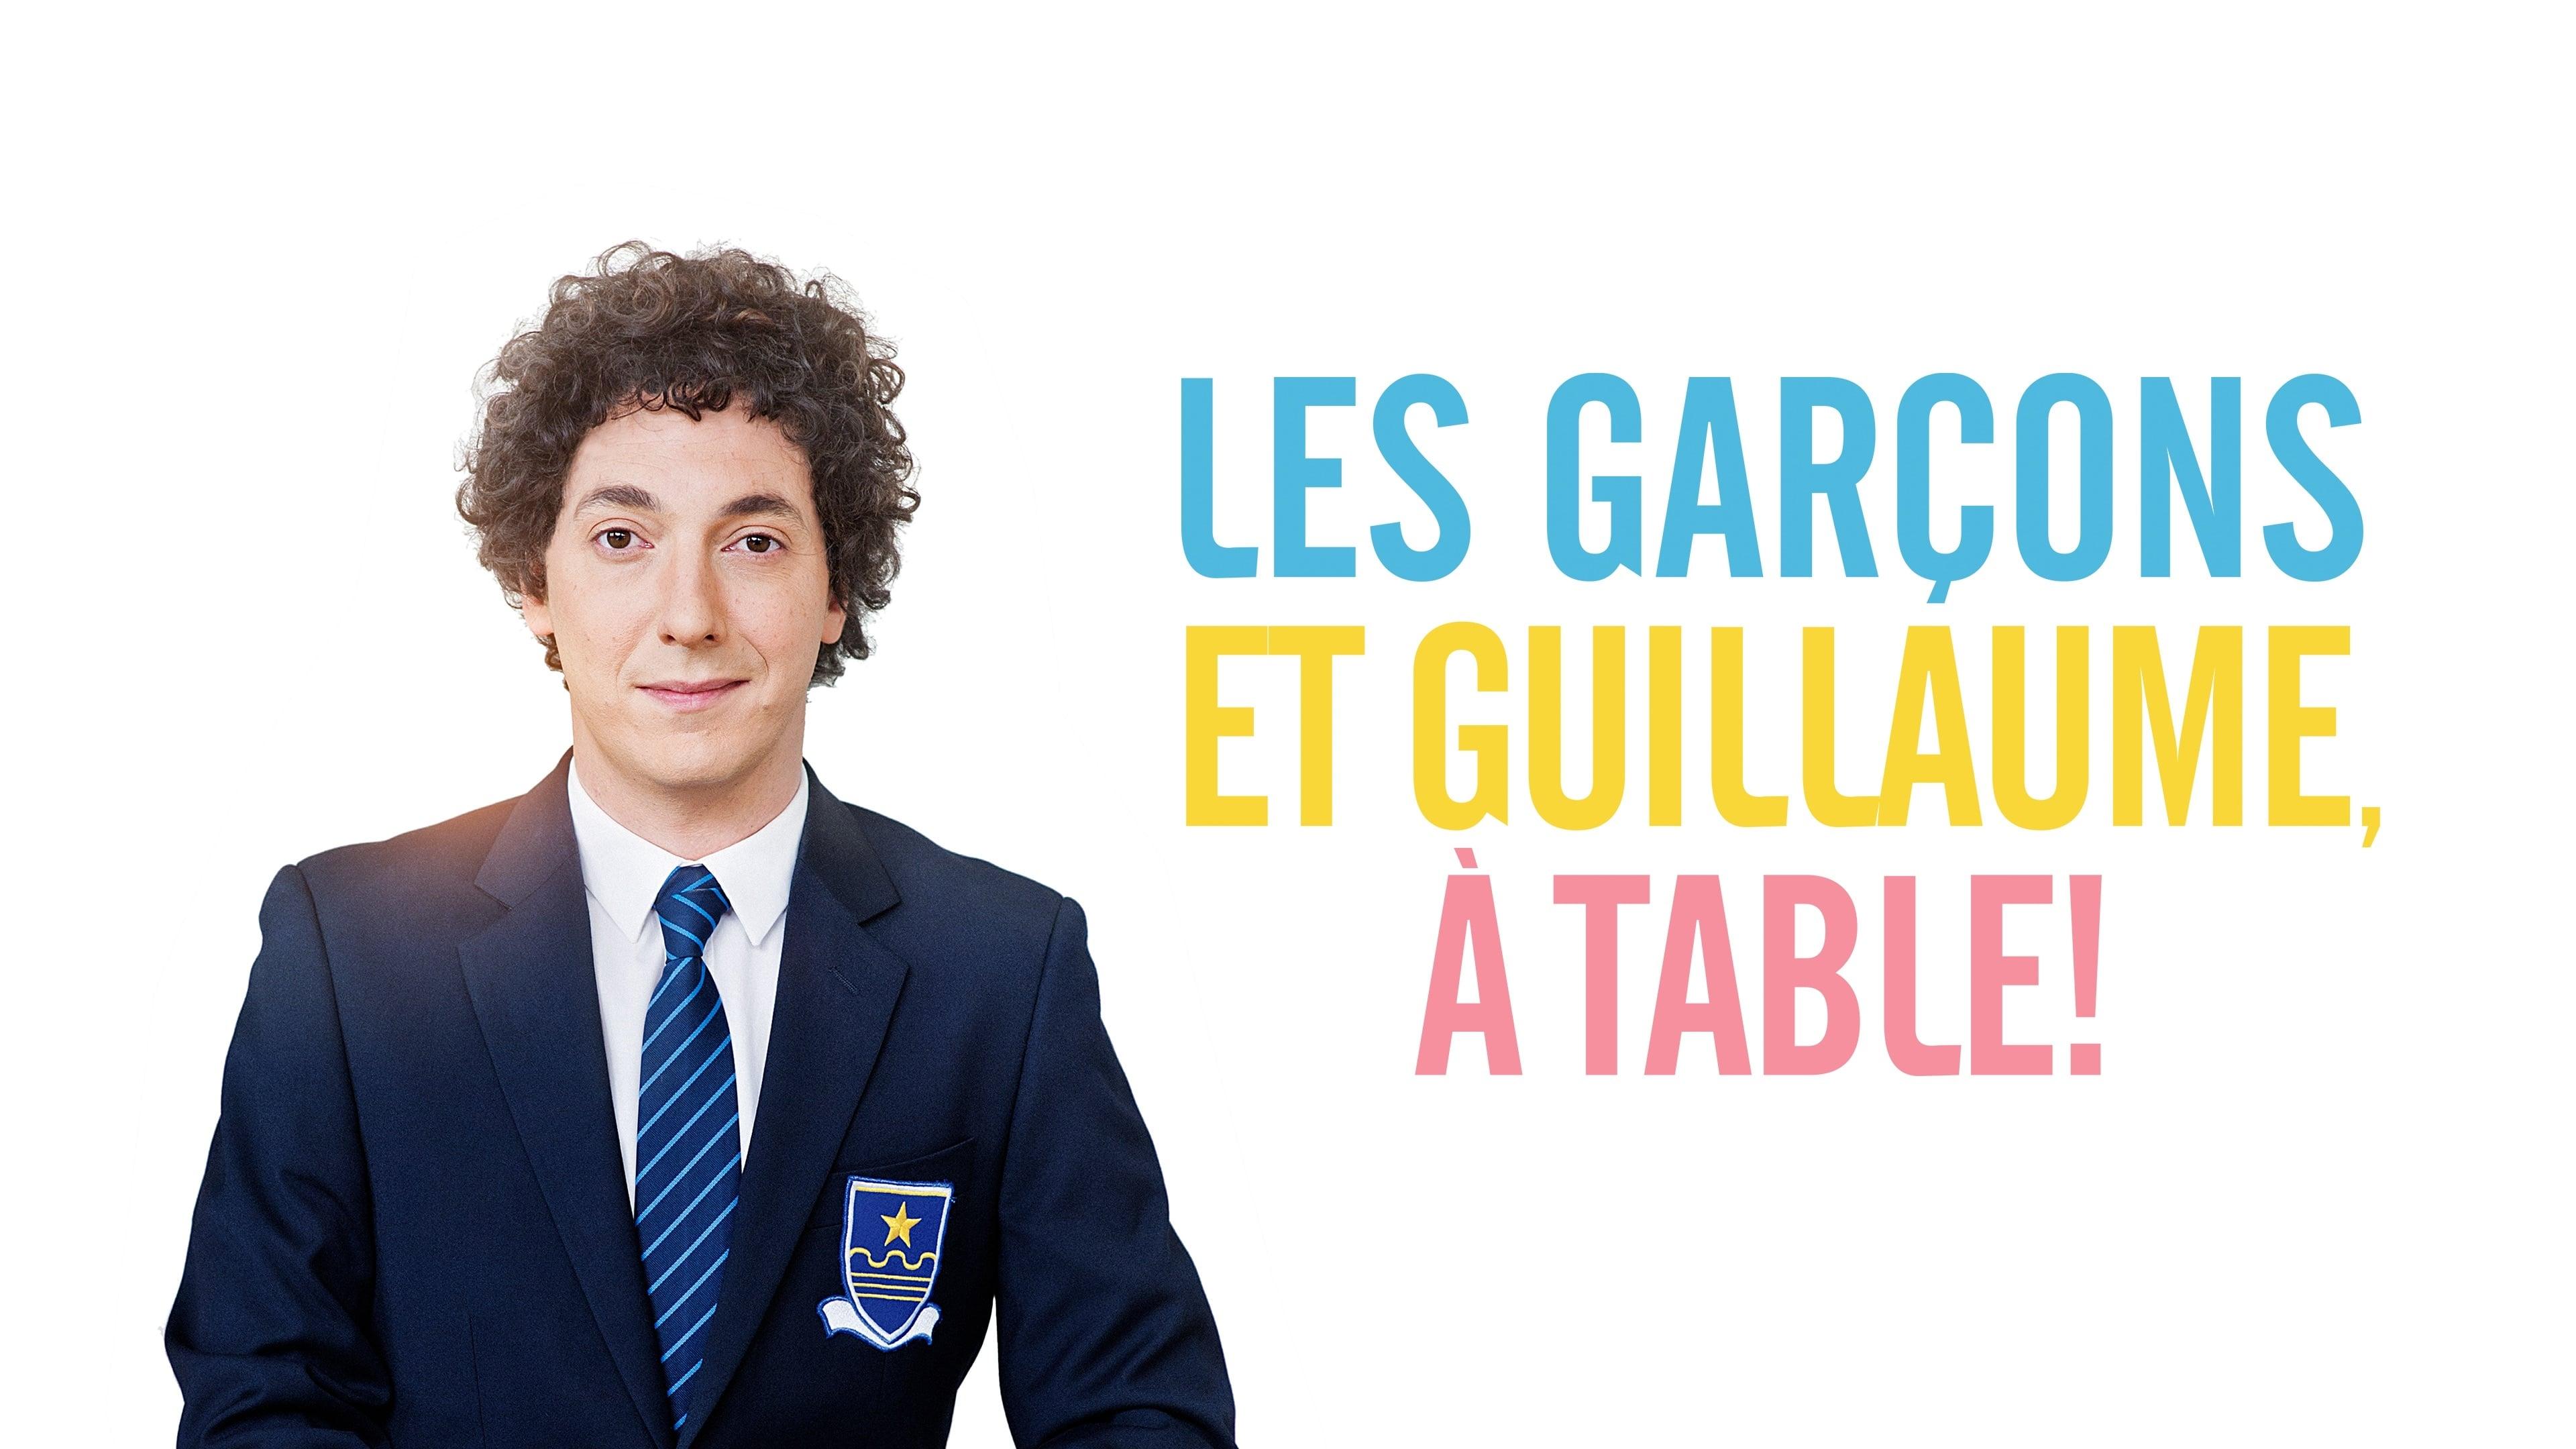 Guillaume y los chicos, ¡a la mesa! (2013)